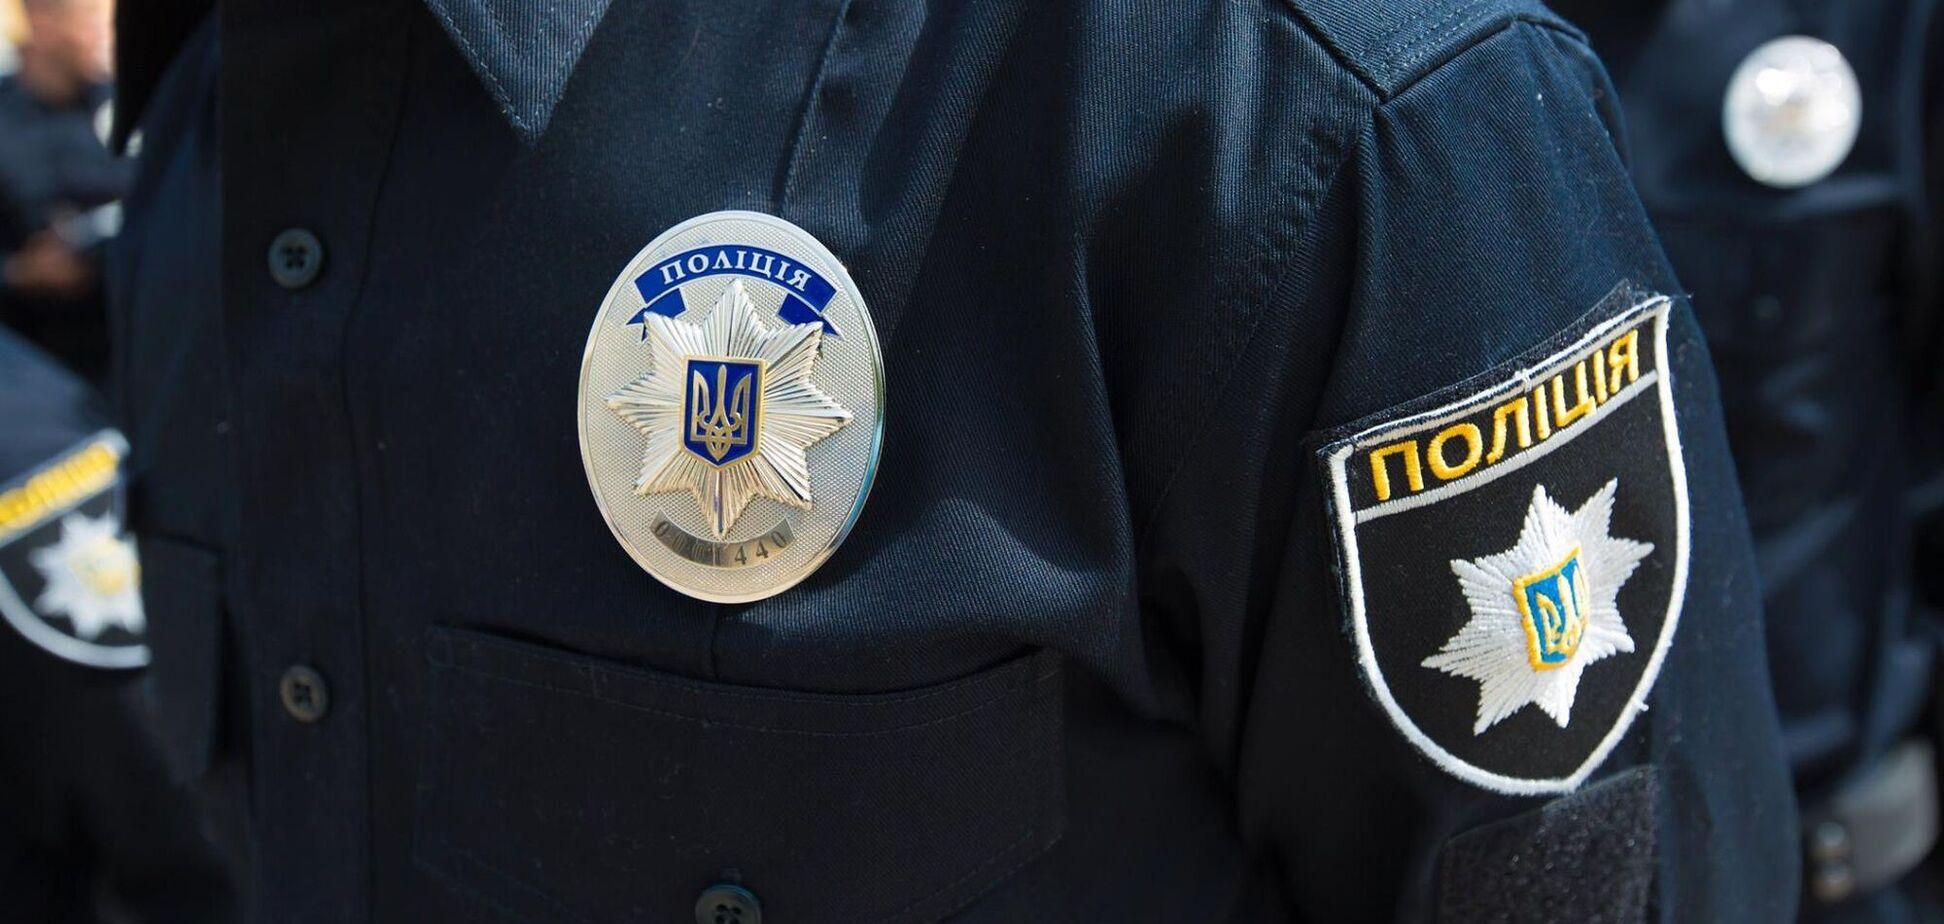 У Києві на дитячому майданчику порізали горло чоловікові. Ілюстрація